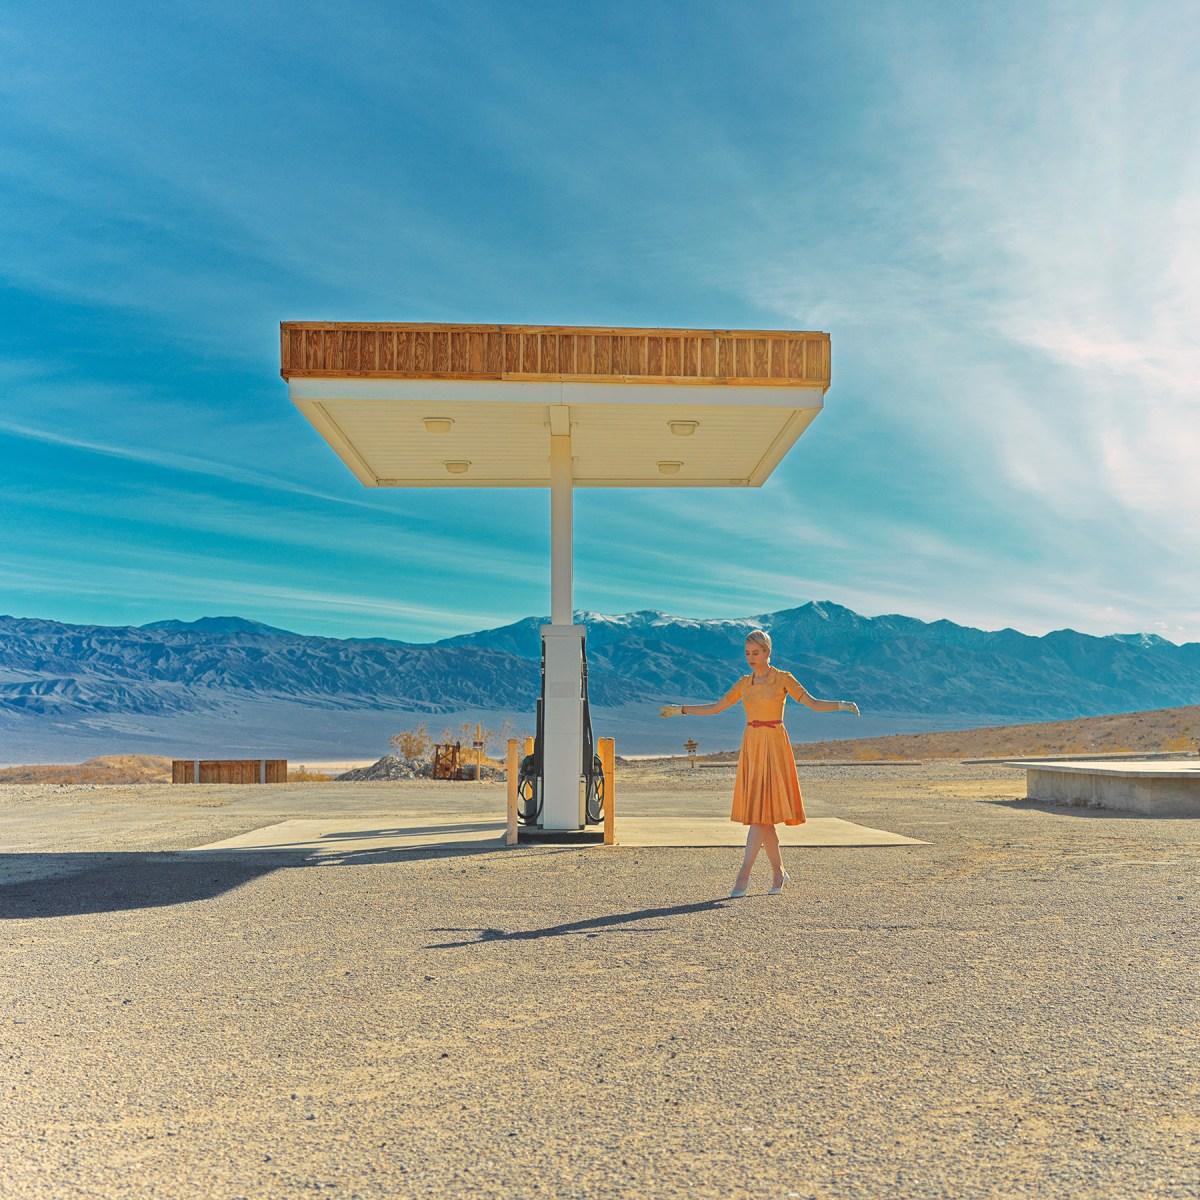 dancer in the desert